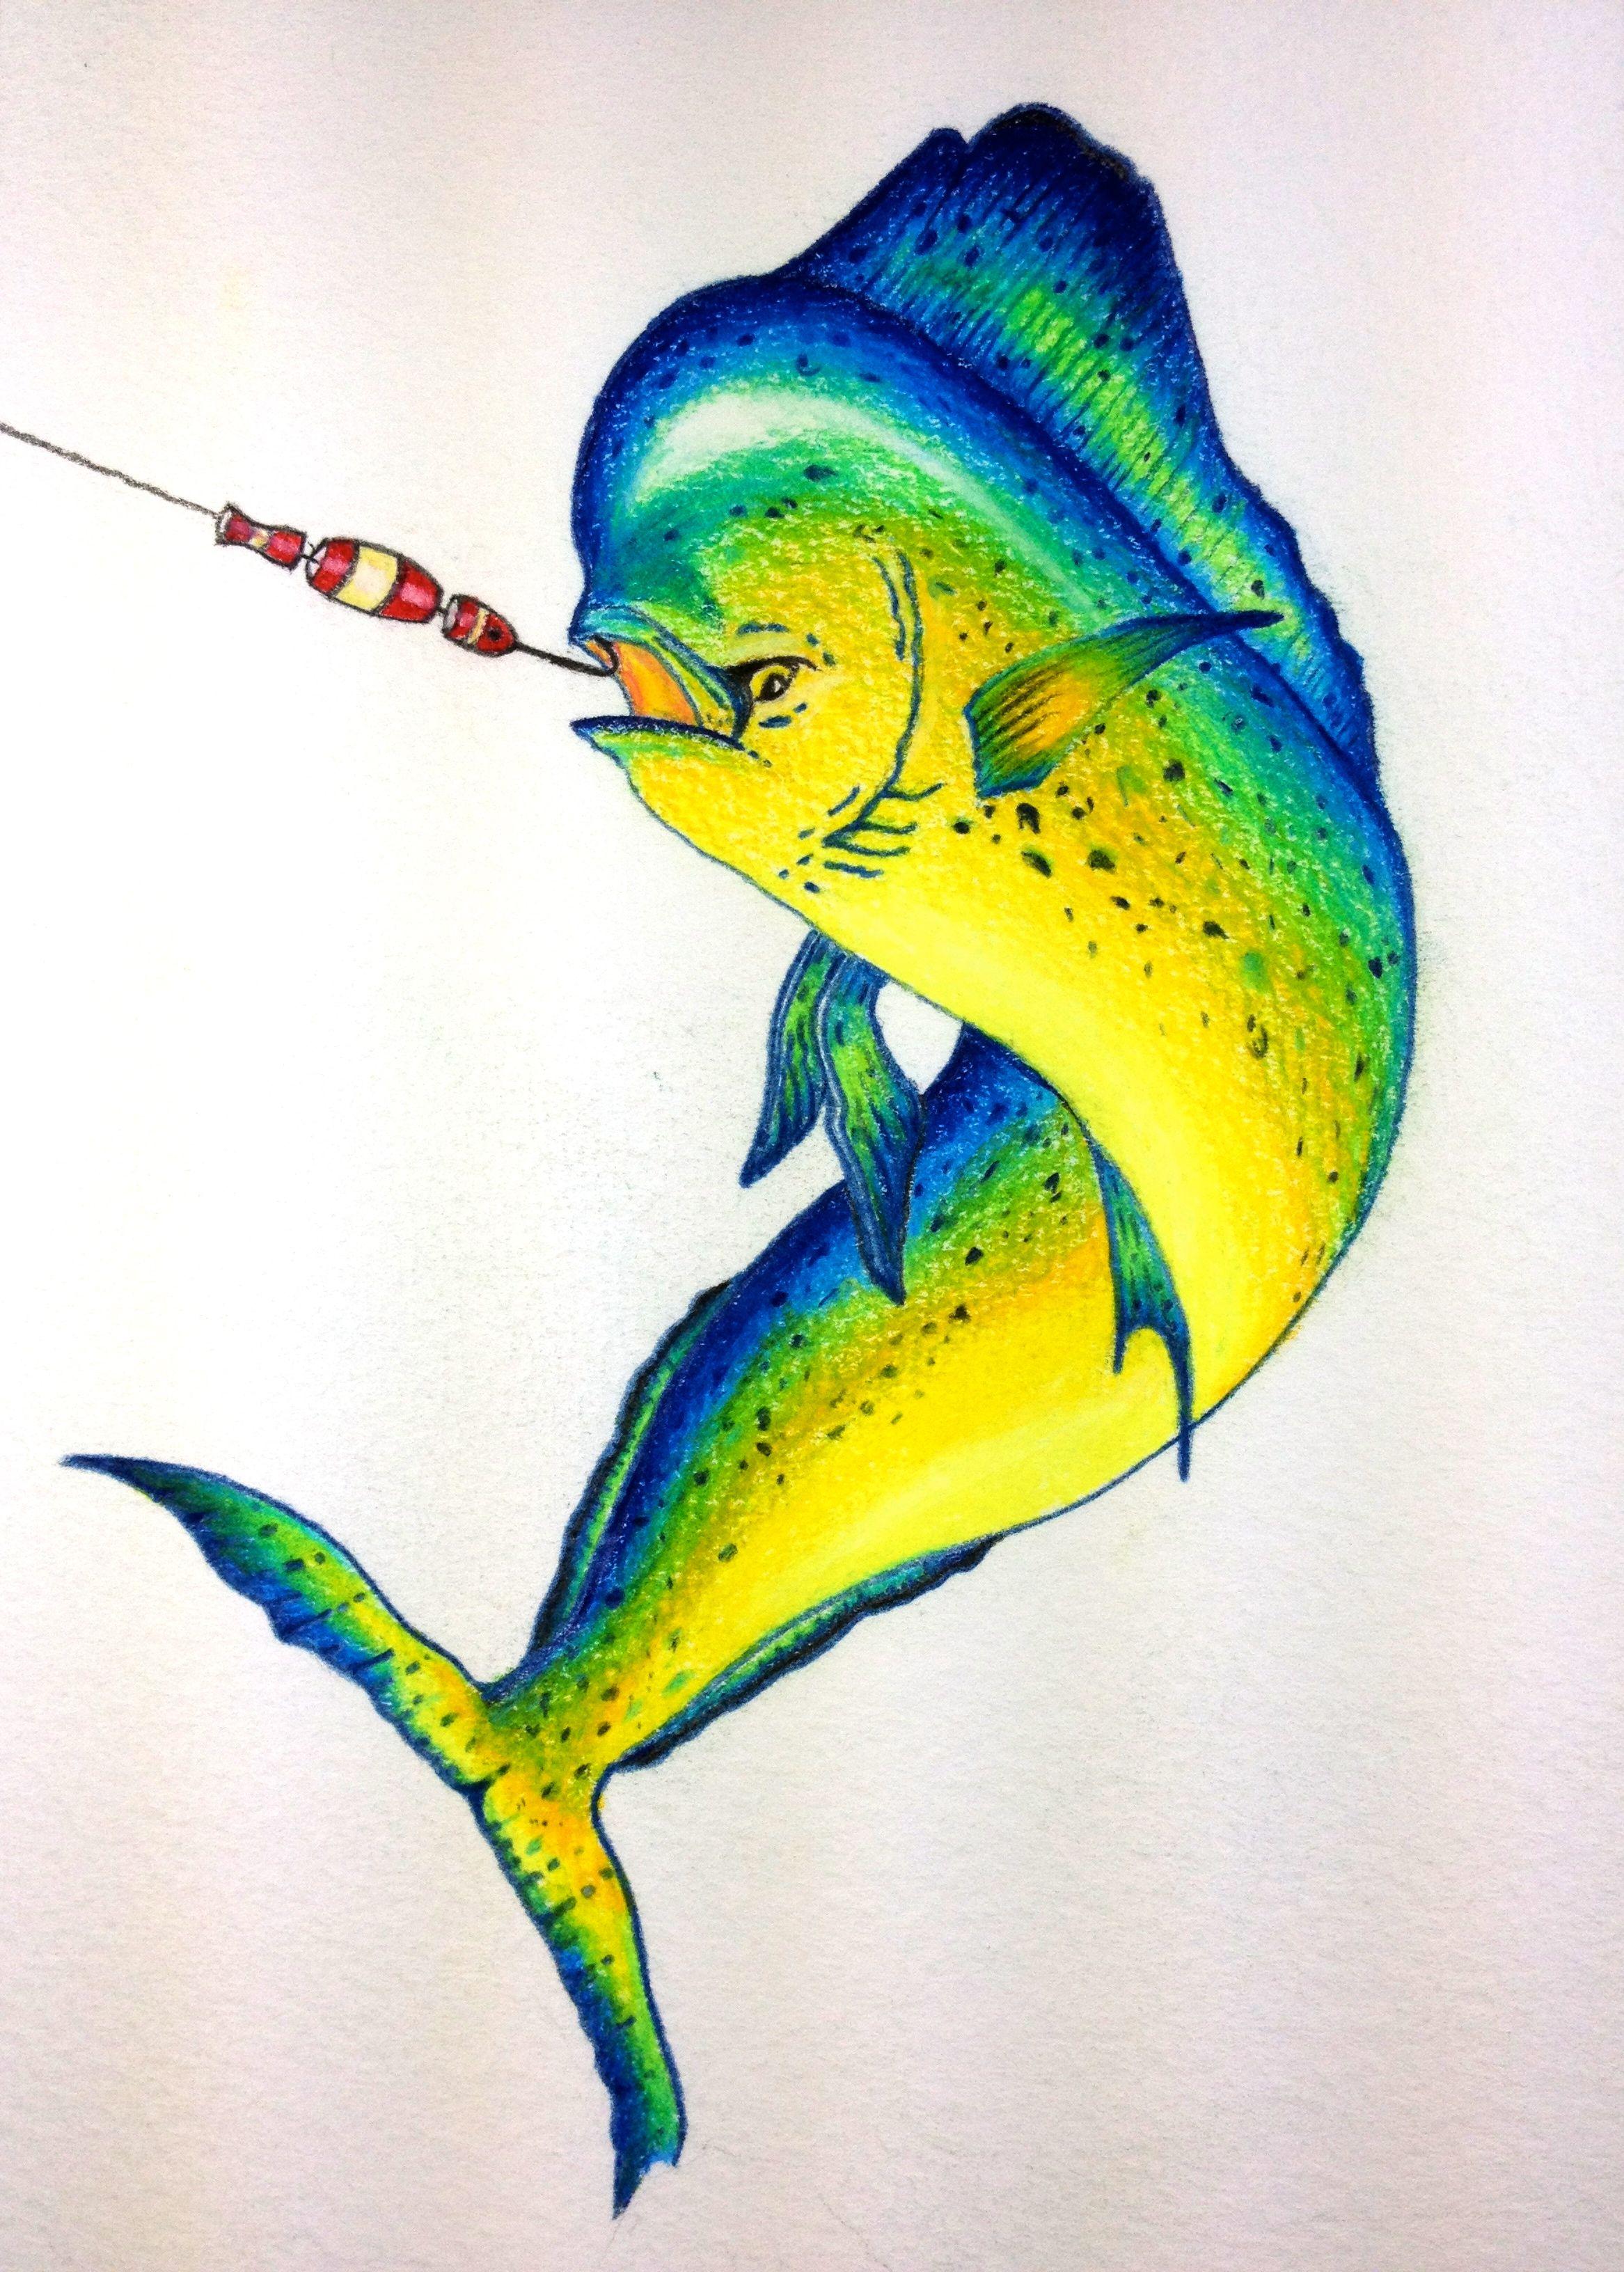 Mahi Mahi Drawing at GetDrawings.com | Free for personal use Mahi ...